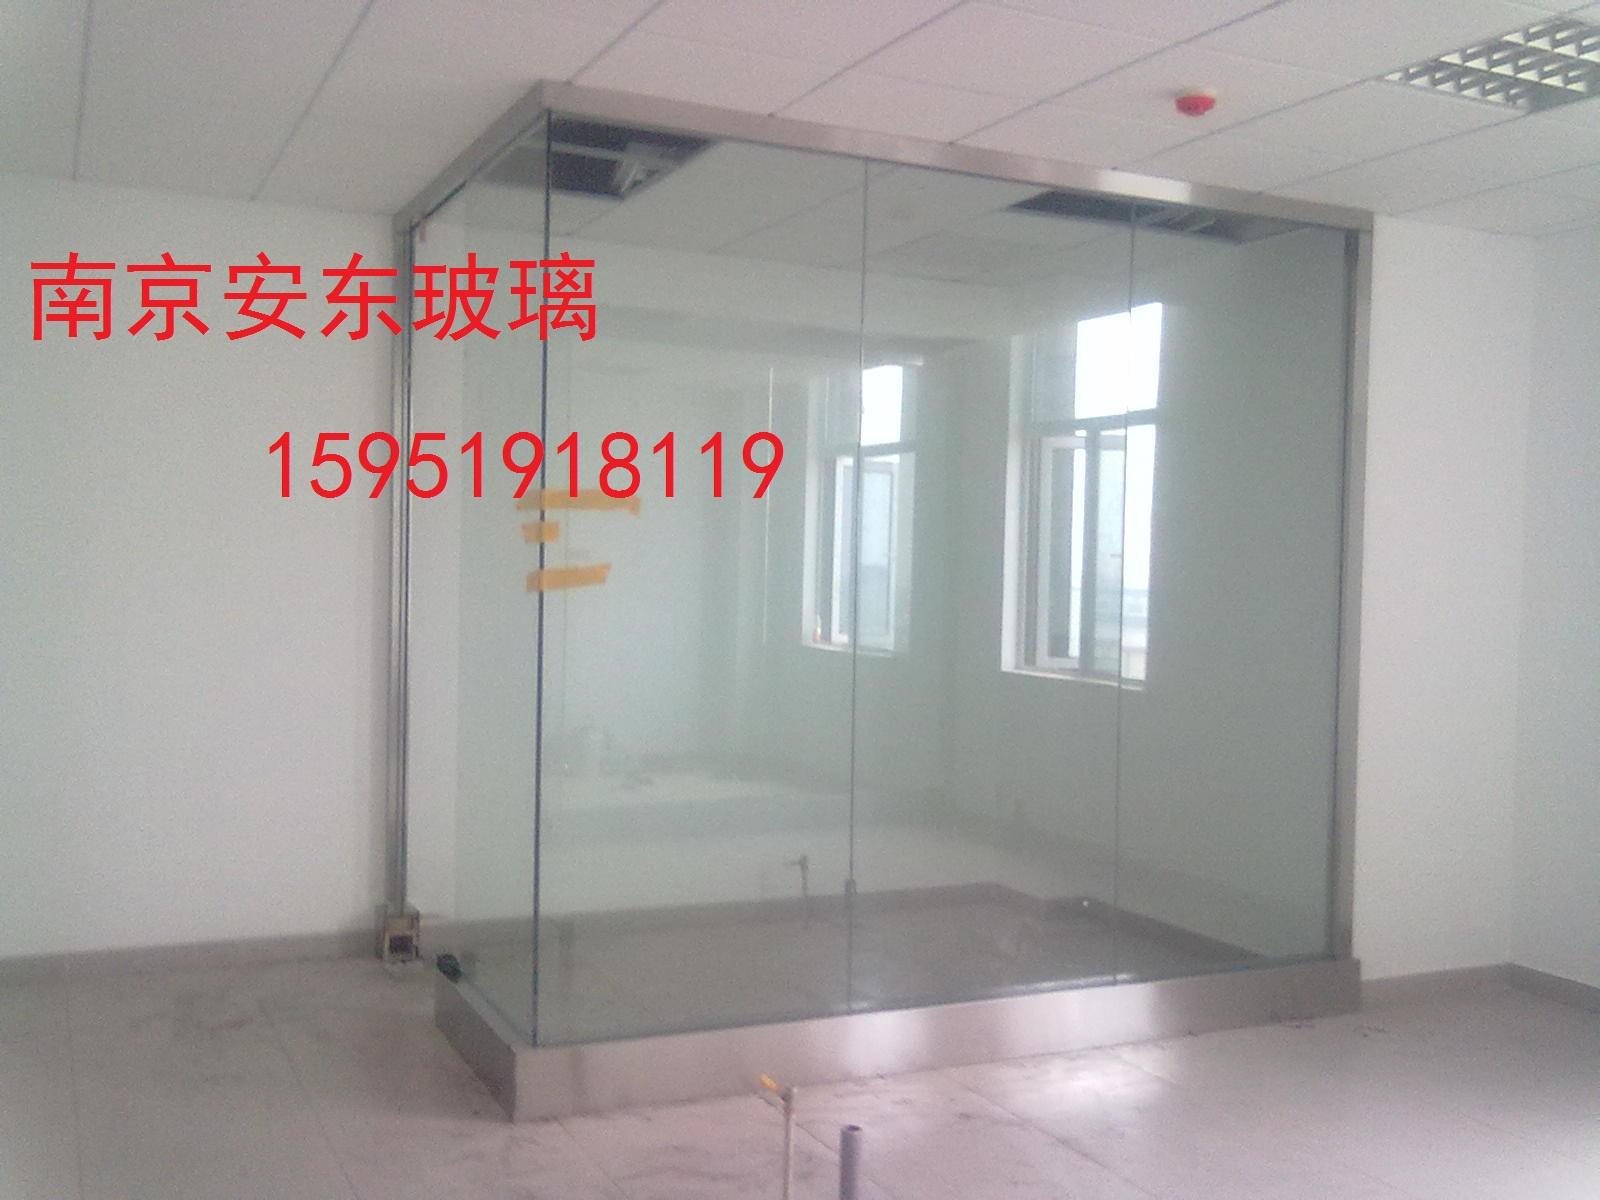 玻璃隔断/办公隔断/商场隔断/卫生间隔断